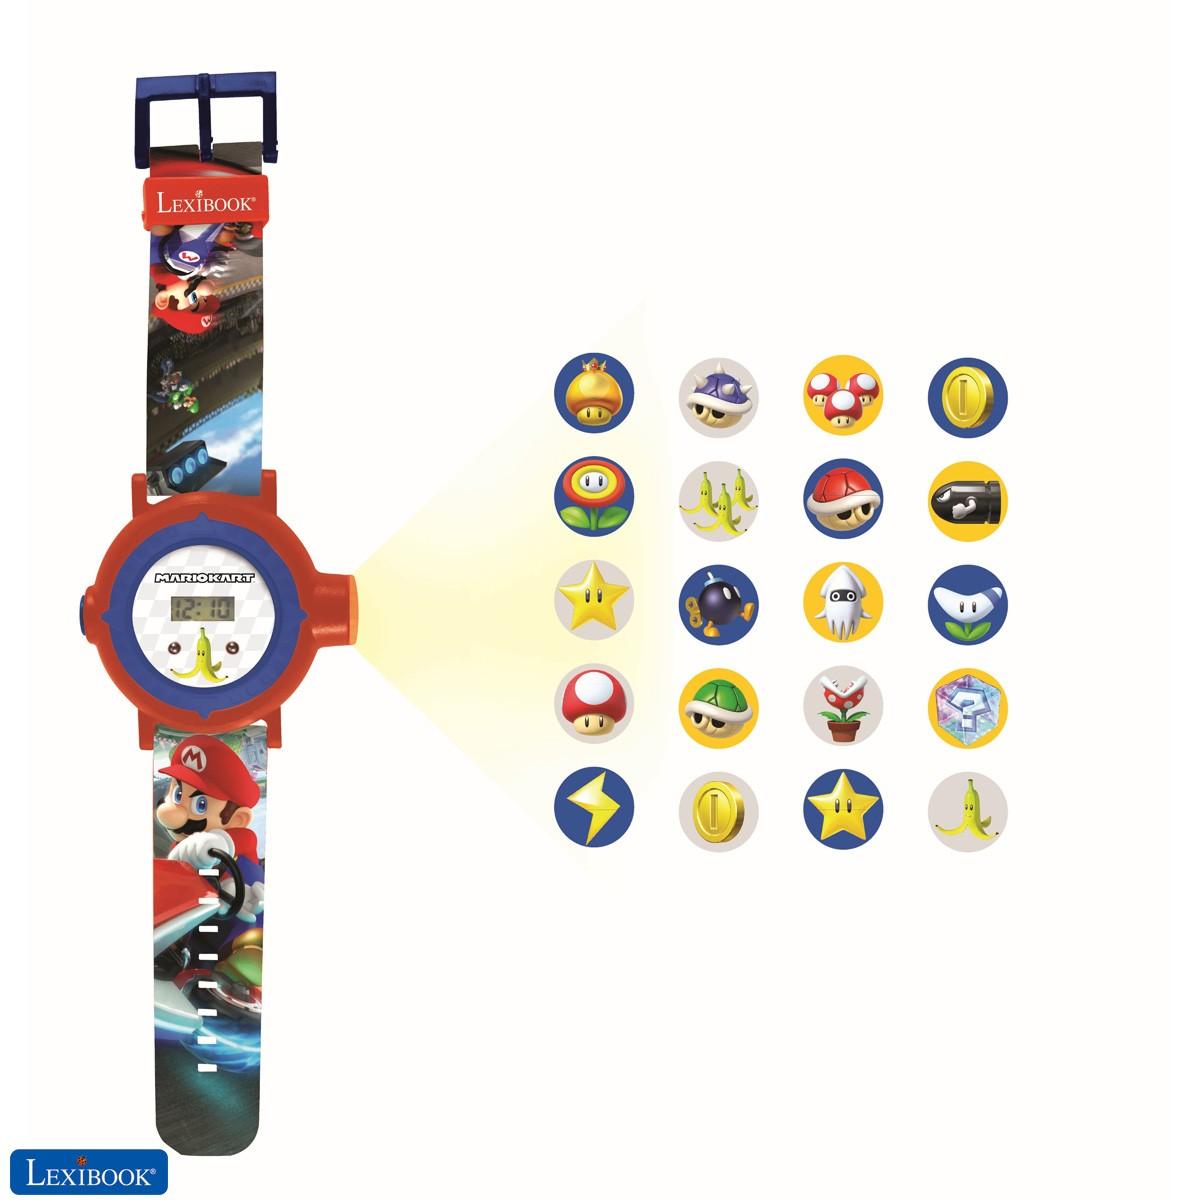 Nintendo Mario Kart Reloj correa ajustable pantalla digital con 20 proyecciones de Mario Kart - para Niños